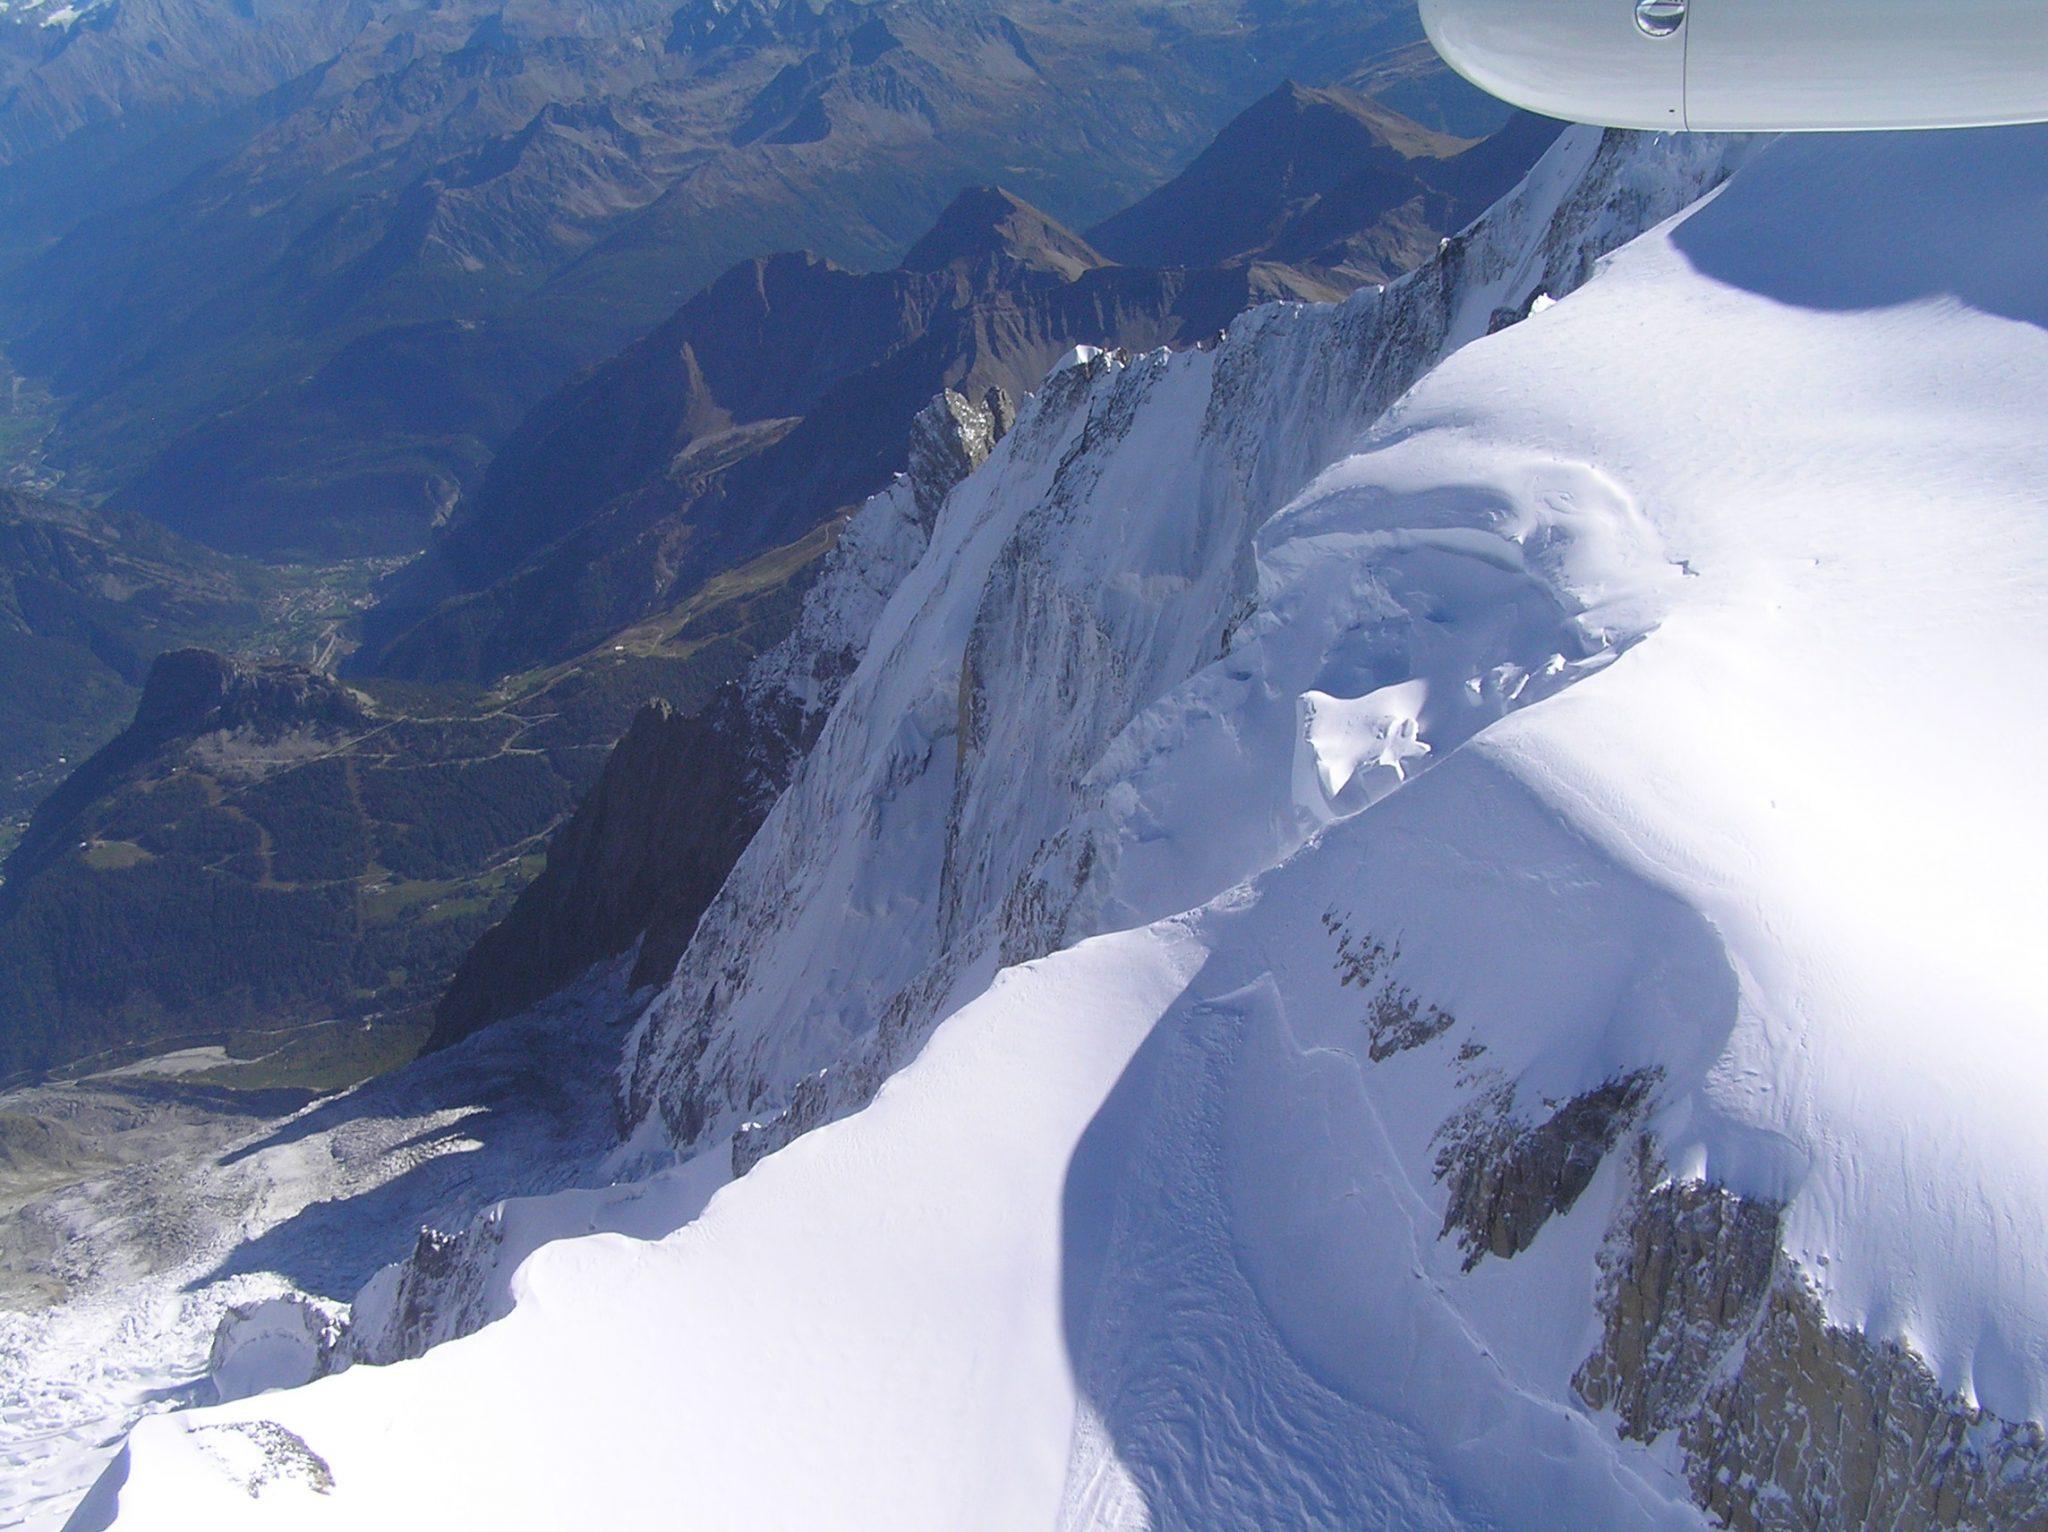 Rundflug Schweiz - Nicht weit weg vom Mont Blanc